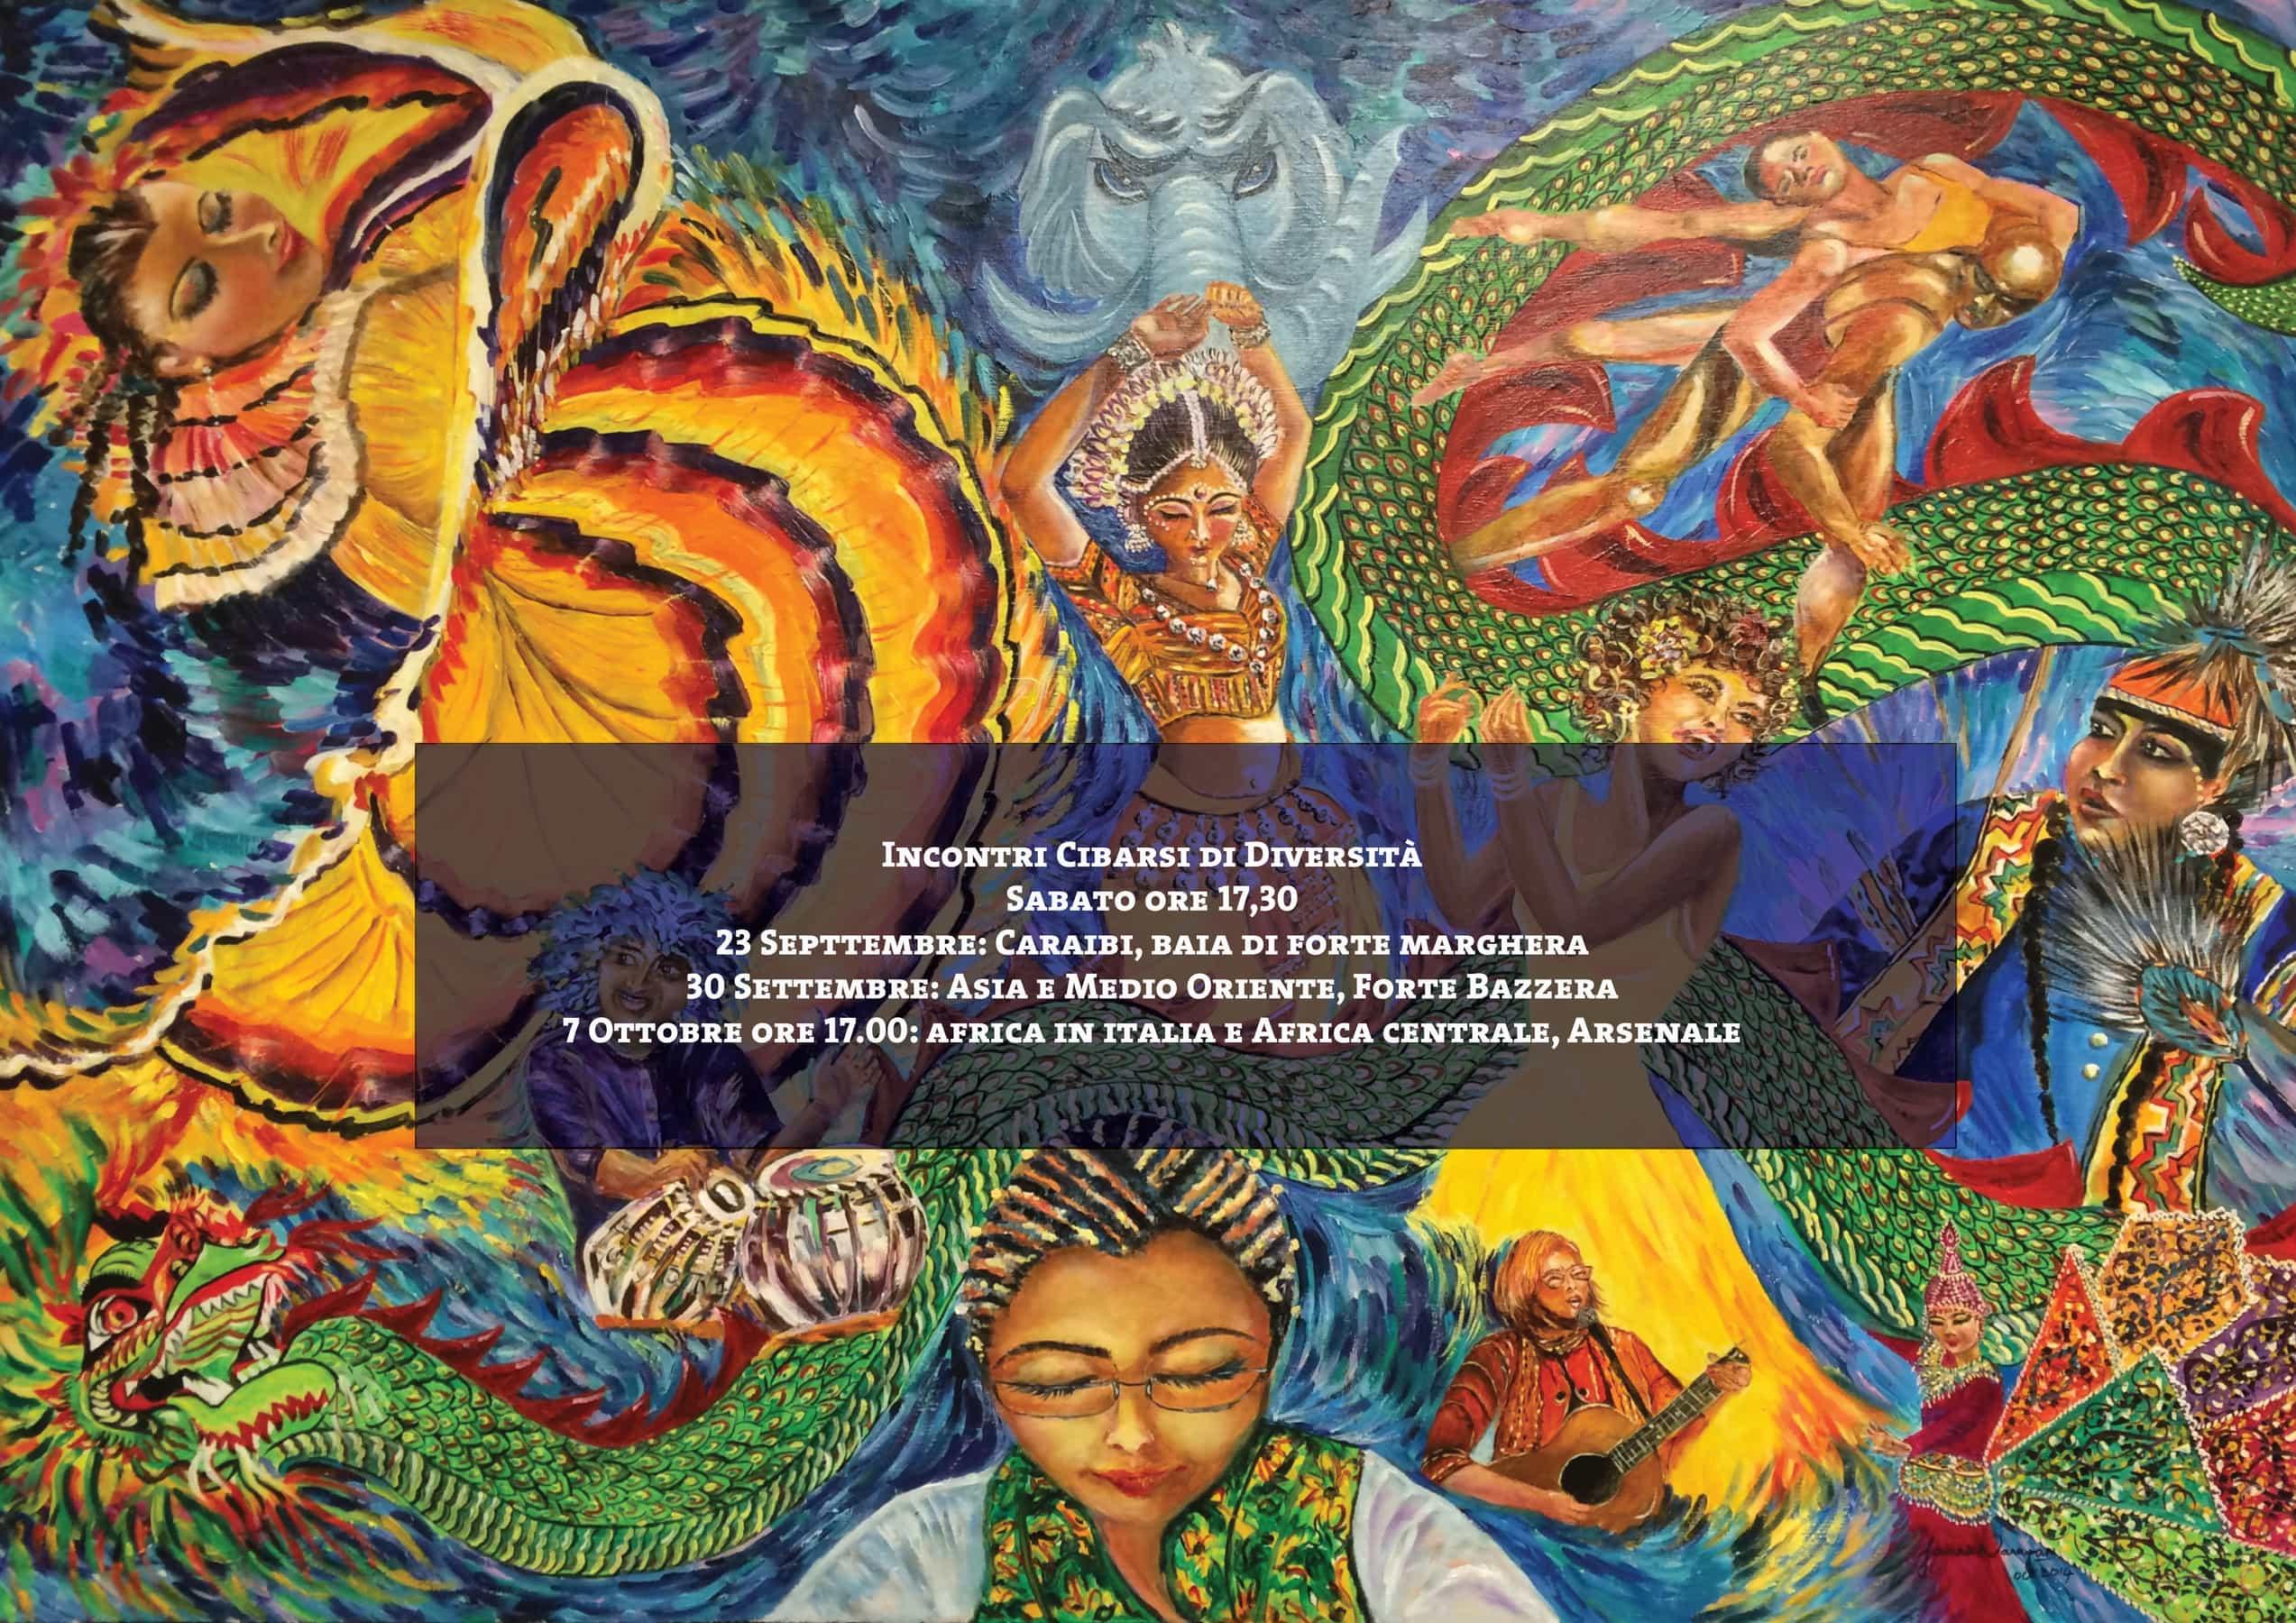 Incontro cibarsi di diversità: Caraibi